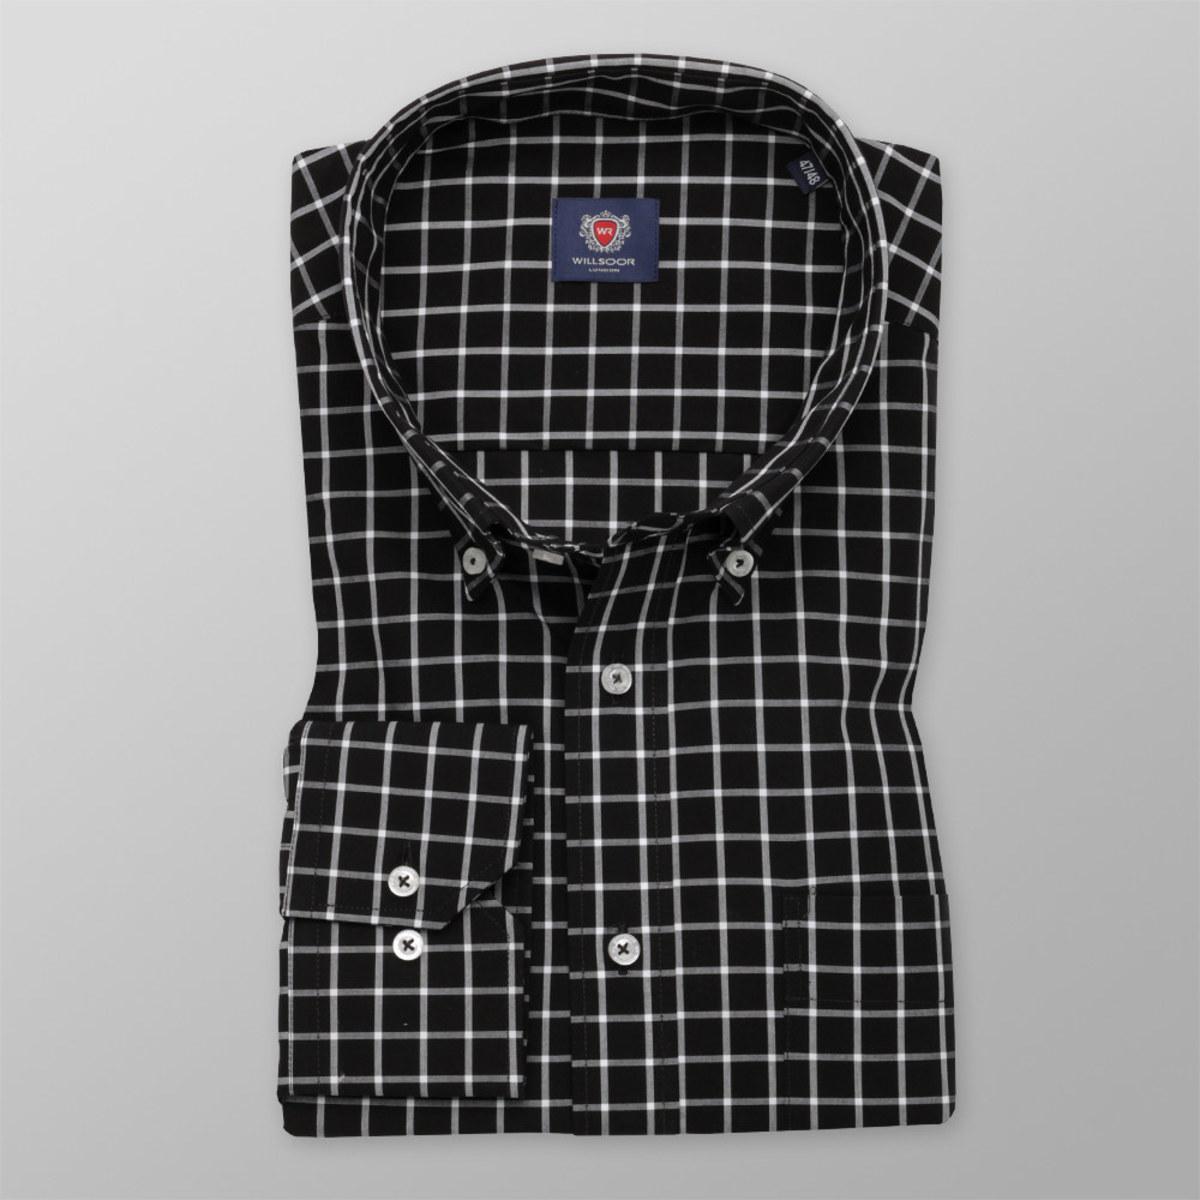 Košeľa London károvaný vzor (výška 188 - 194) 10362 188-194 / 51/52